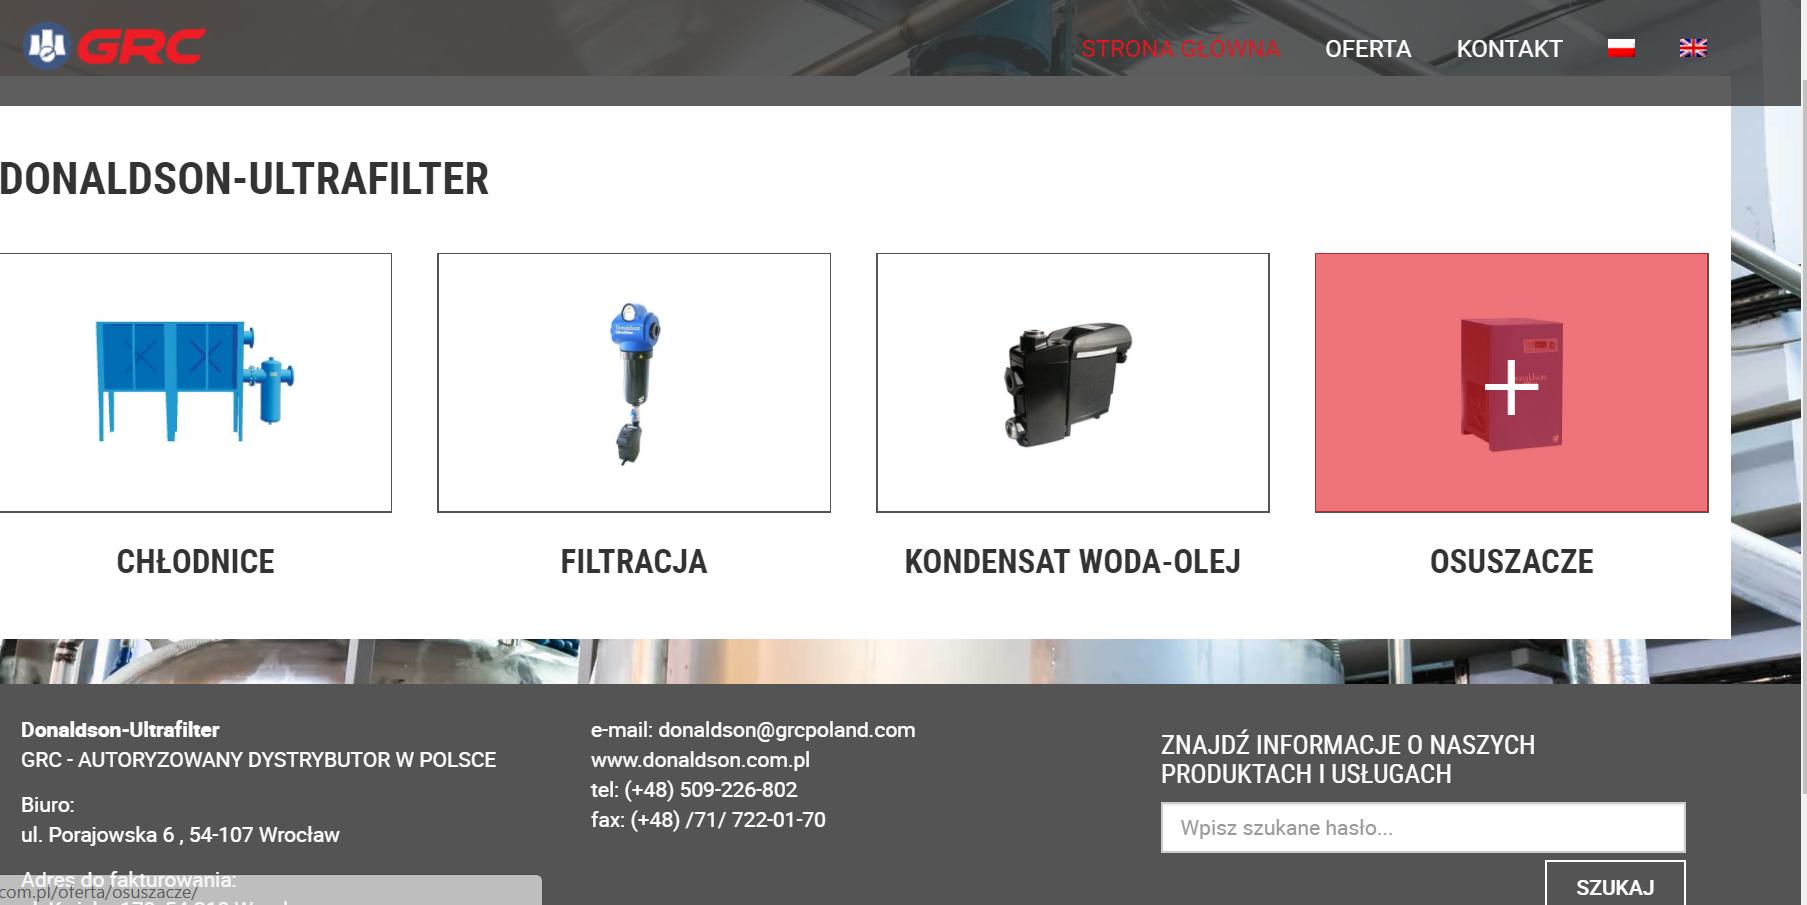 Strona www.donaldson.com.pl   w nowej odsłonie